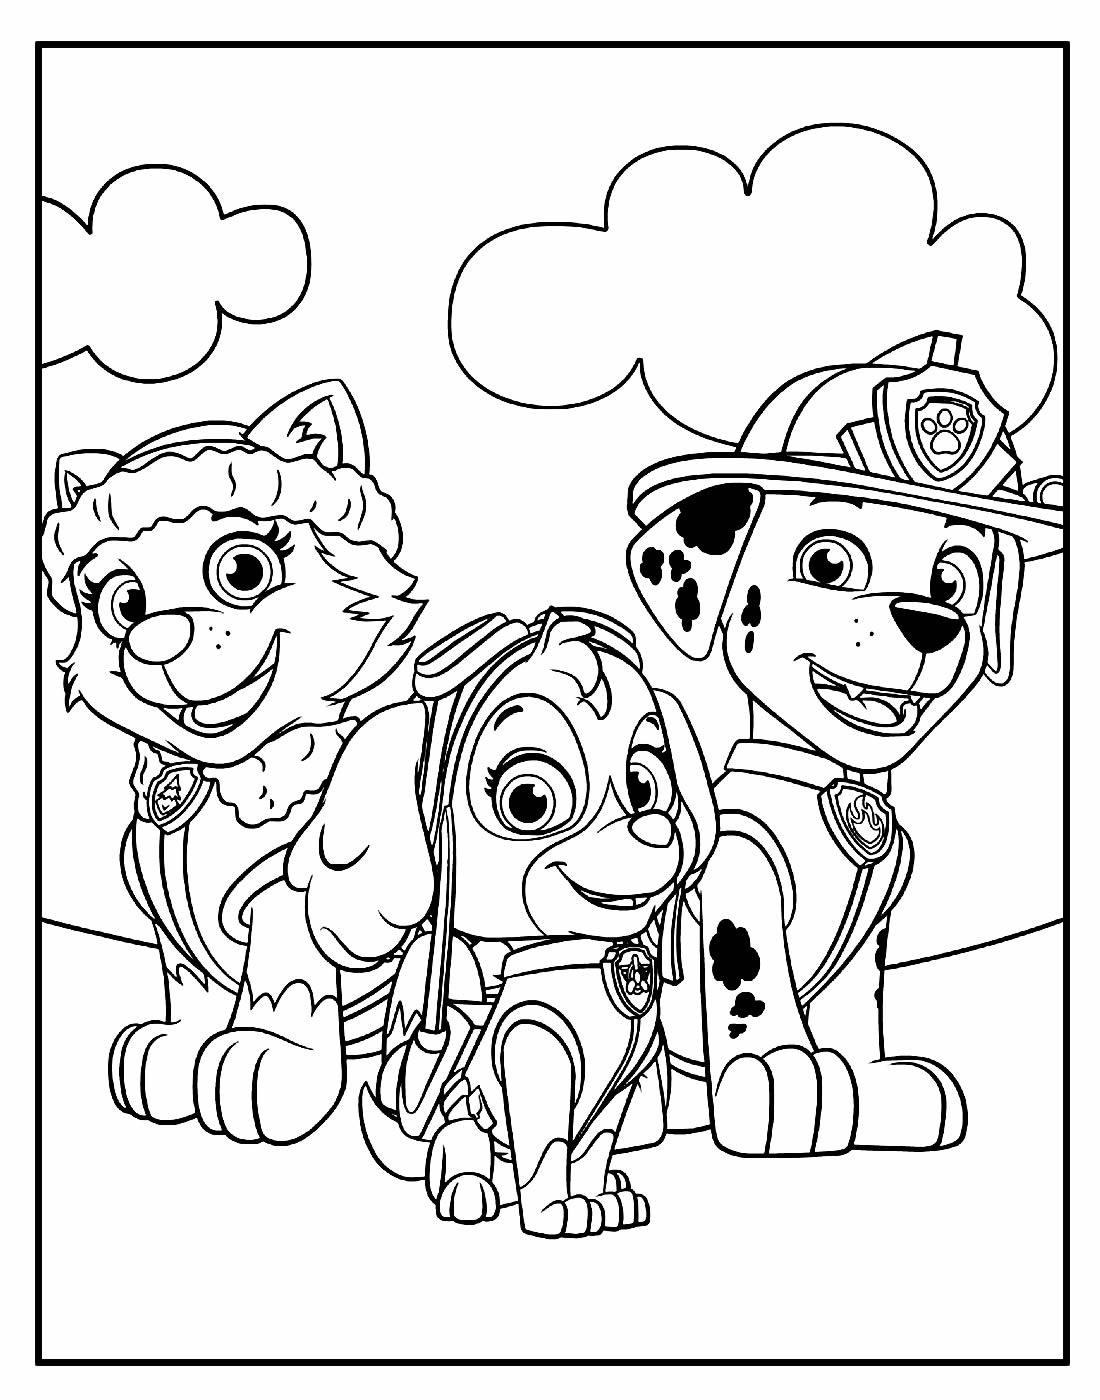 Página para colorir da Patrulha Canina